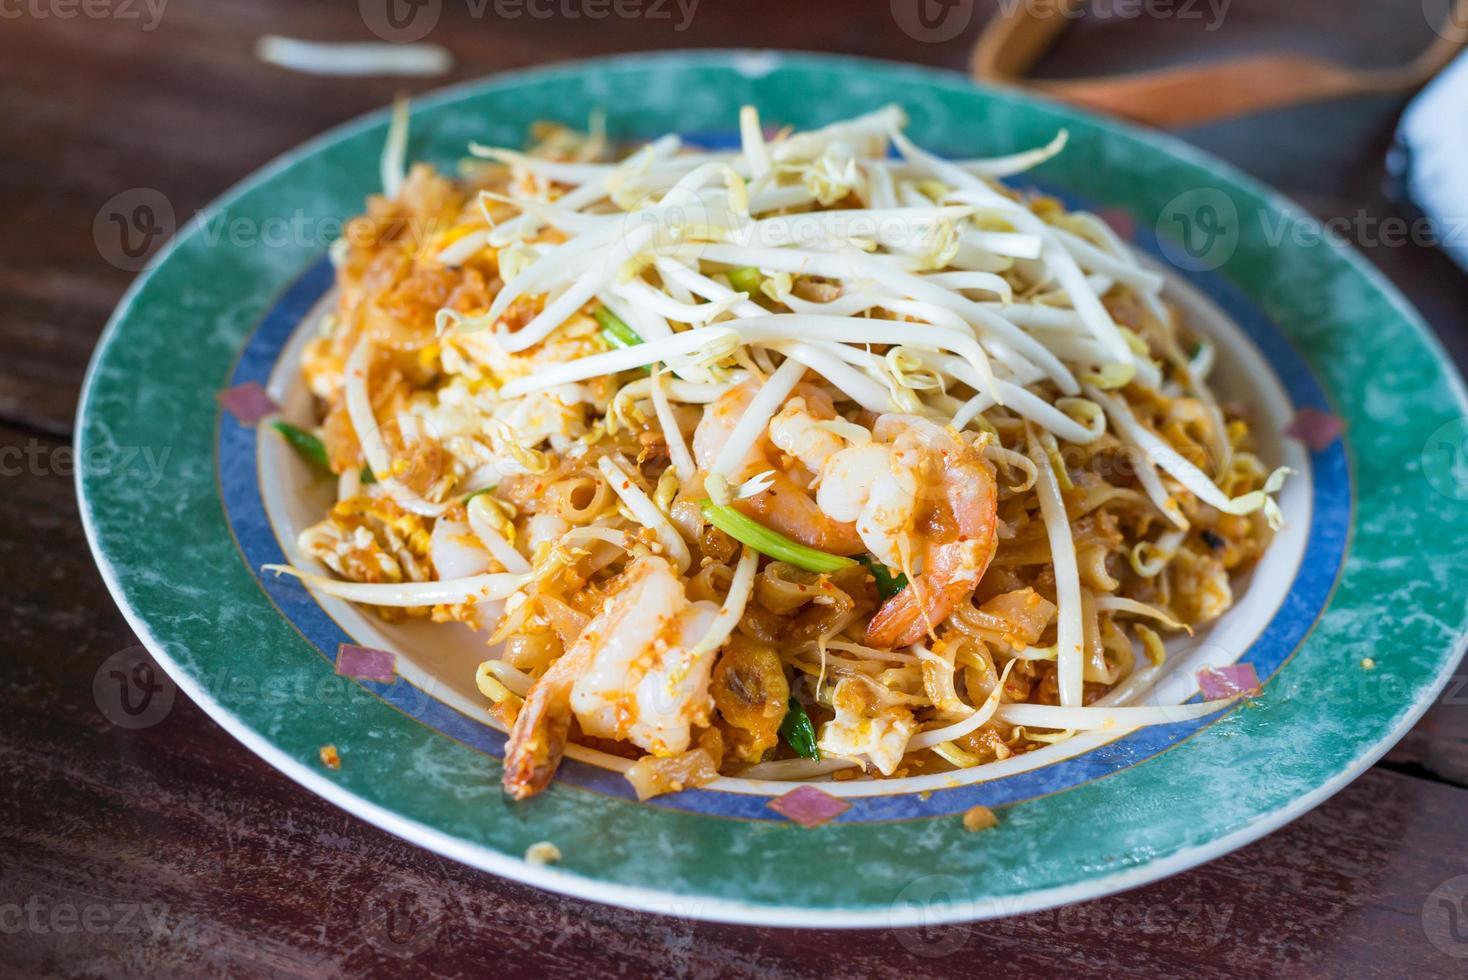 comida tailandesa, camarão tailandês pad, macarrão estilo tailandês foto